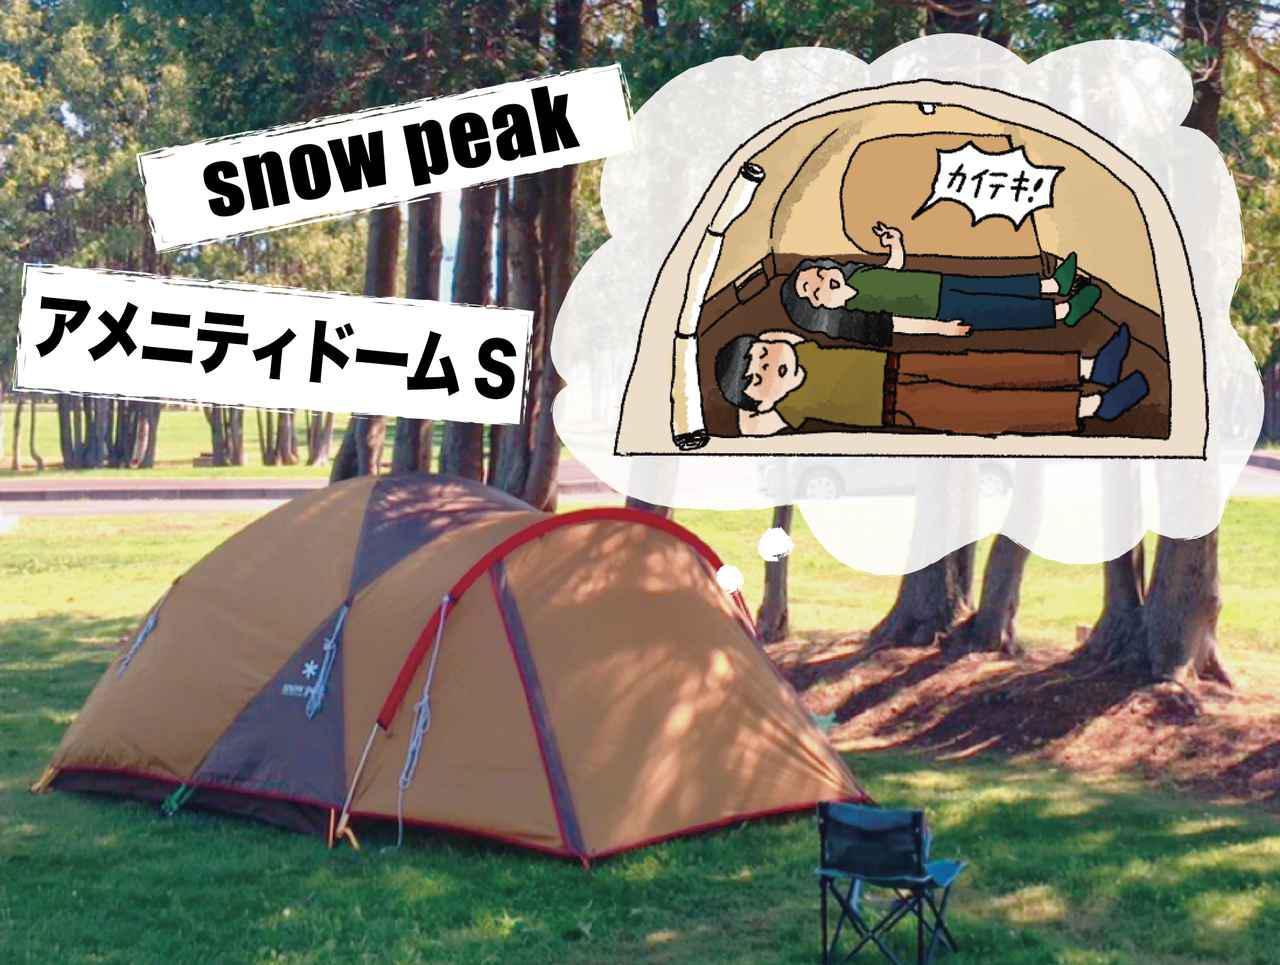 画像: 【テントレビュー】スノーピーク「アメニティドームS」を紹介! 2人キャンプにおすすめ - ハピキャン キャンプ・アウトドア情報メディア